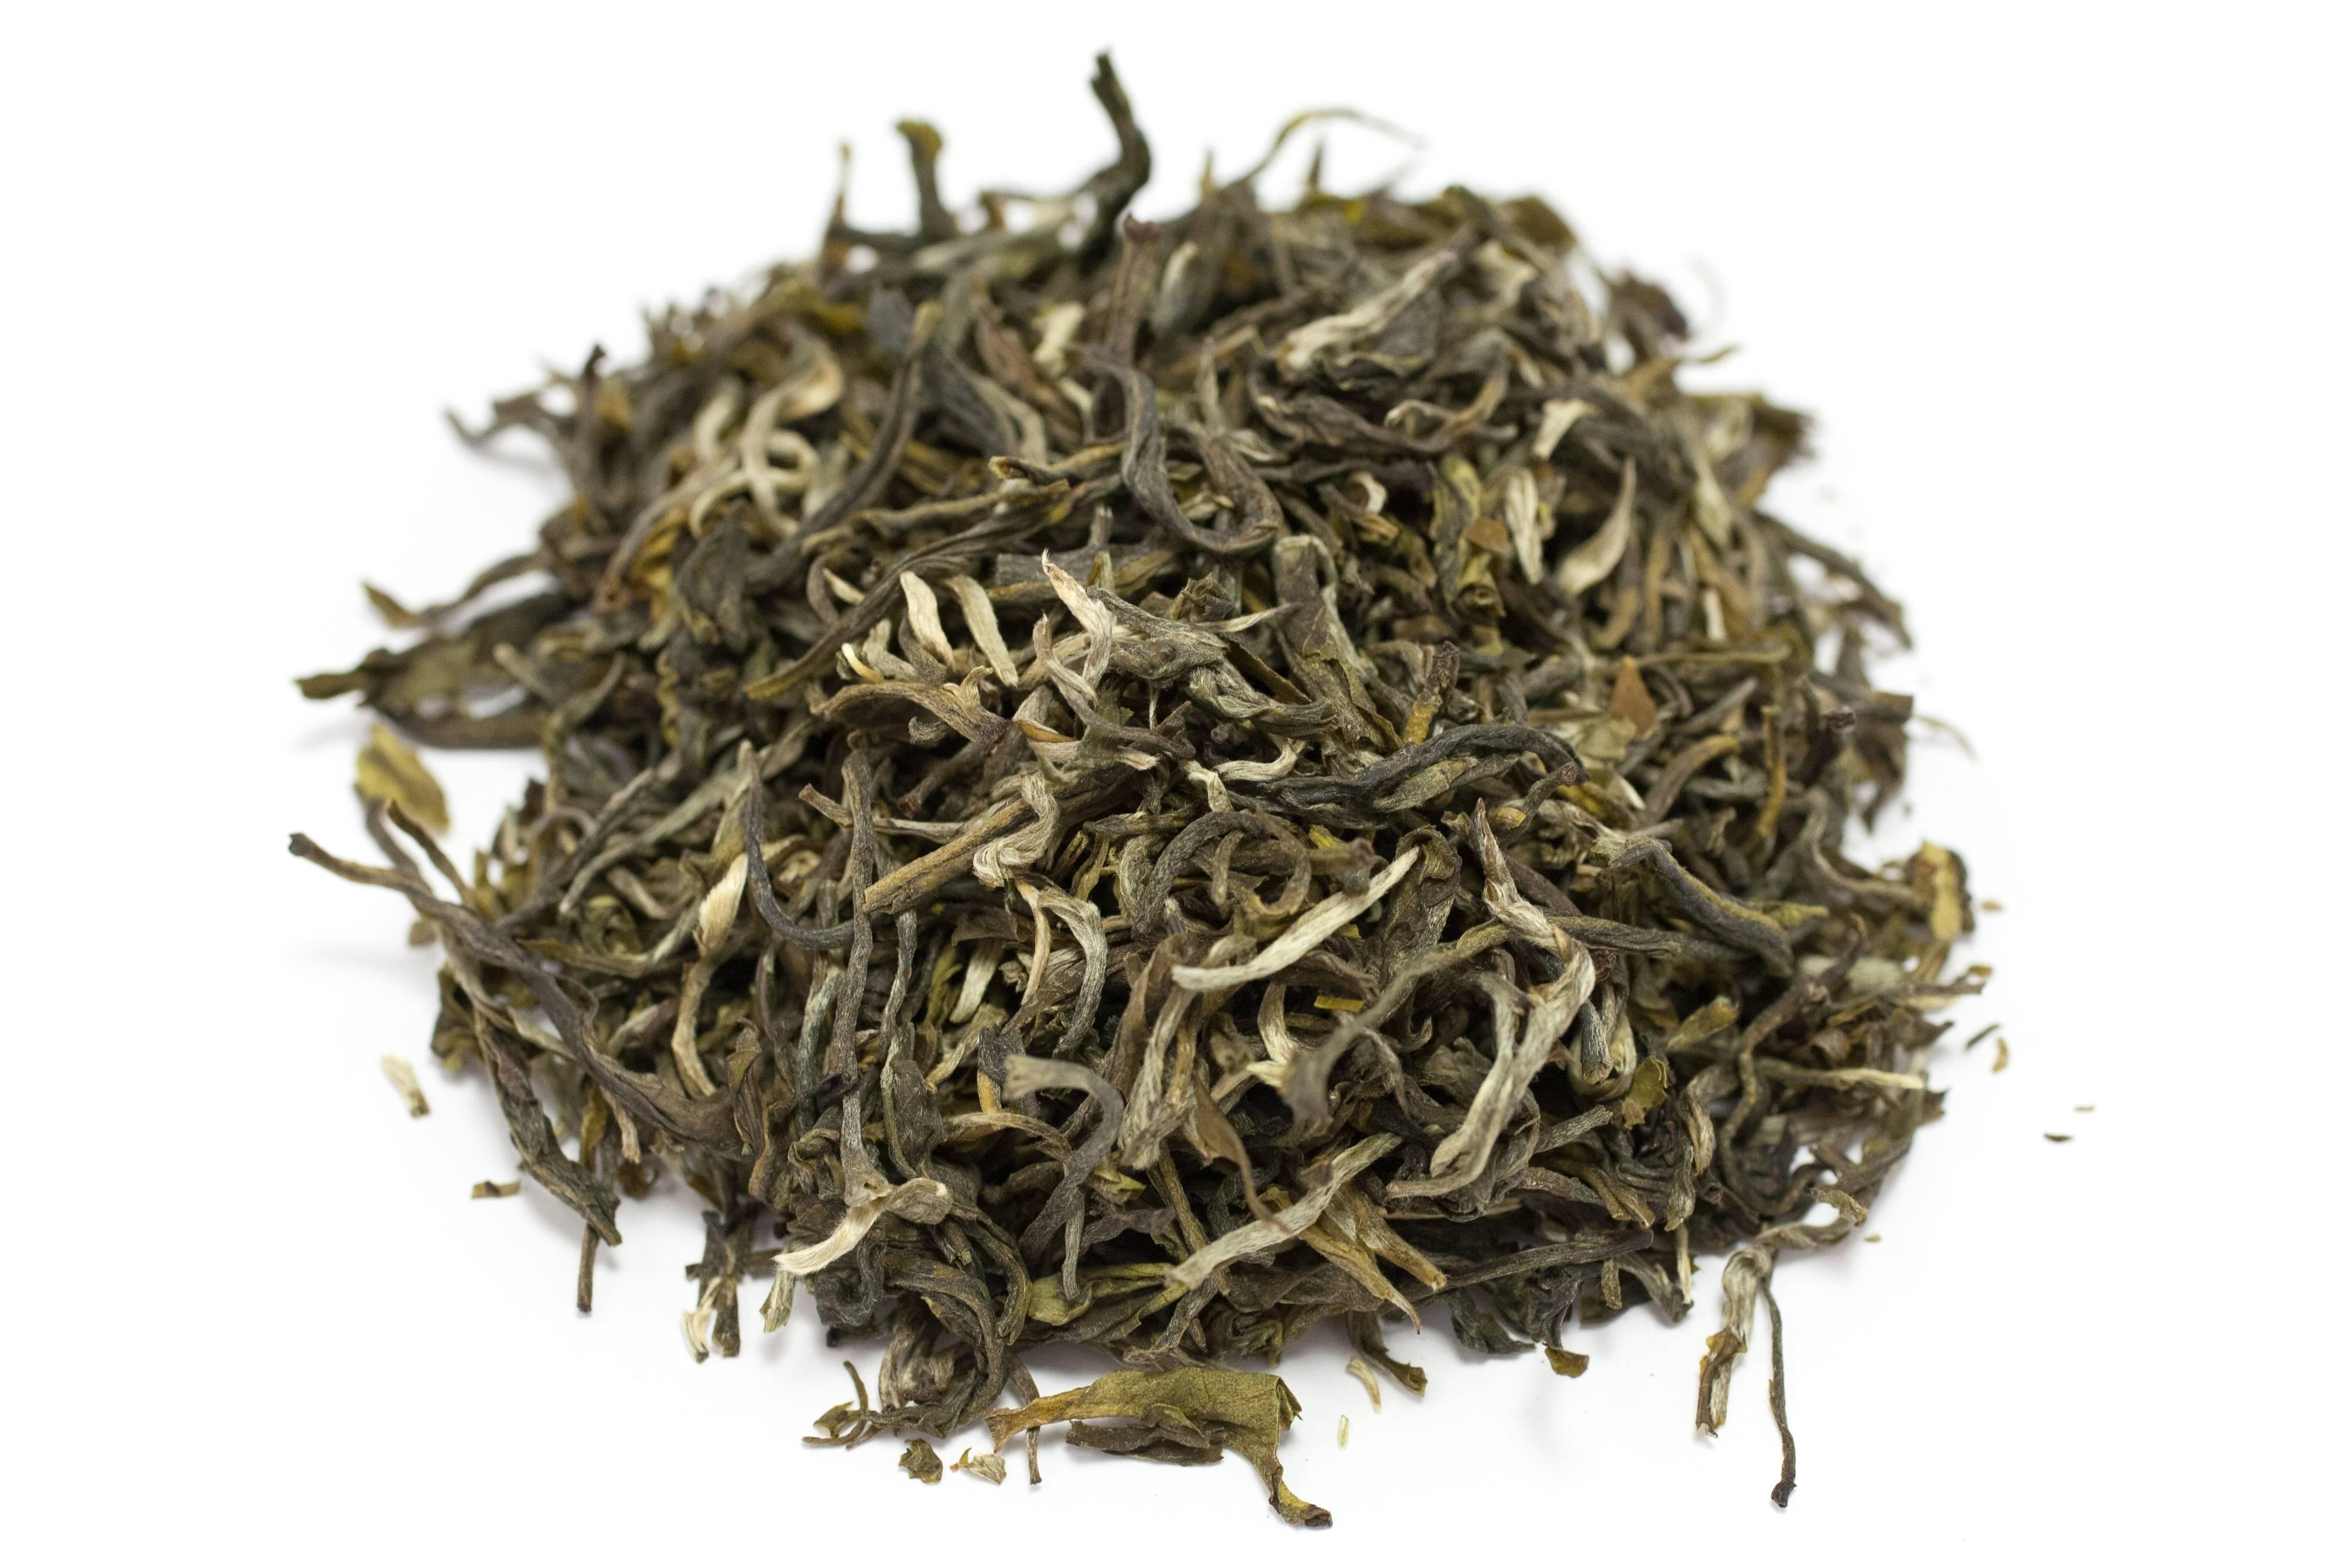 Чай фэн хуан дань цун: полезные свойства, эффект, как заваривать